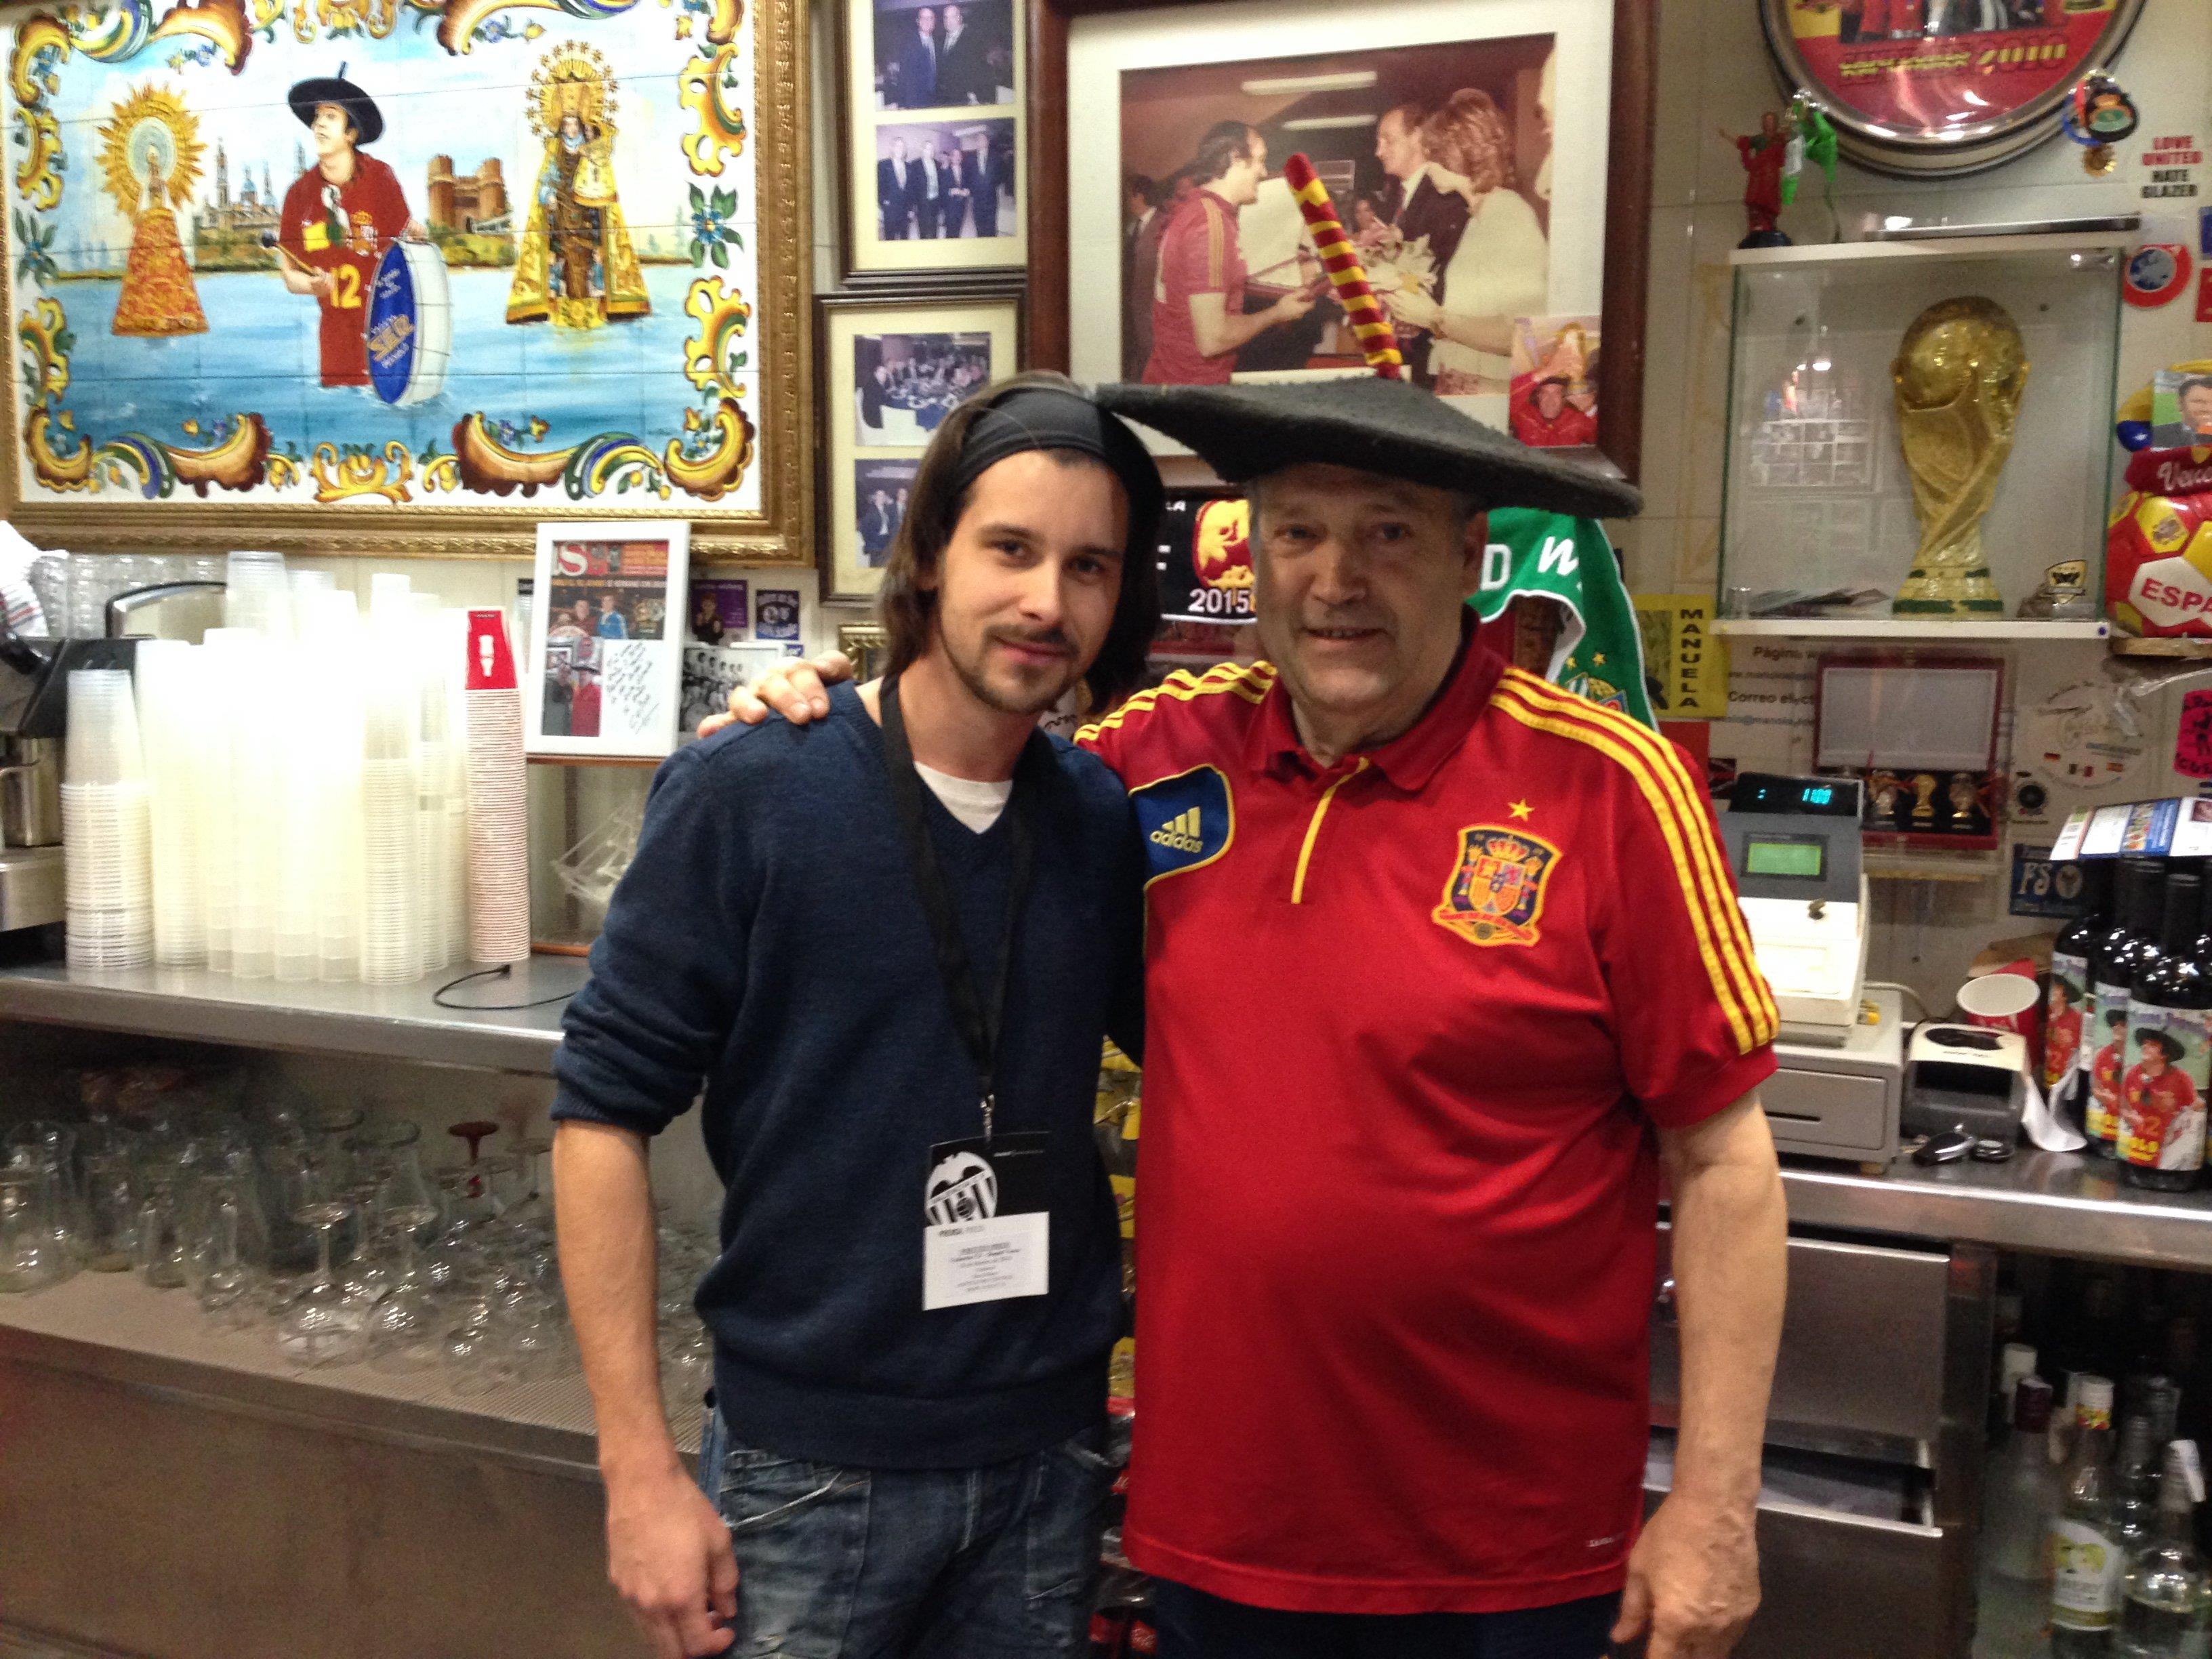 Zwei Fußballverrückte unter sich: VIENNA.at-Sportredakteur David Mayr mit Manolo El Bombo.